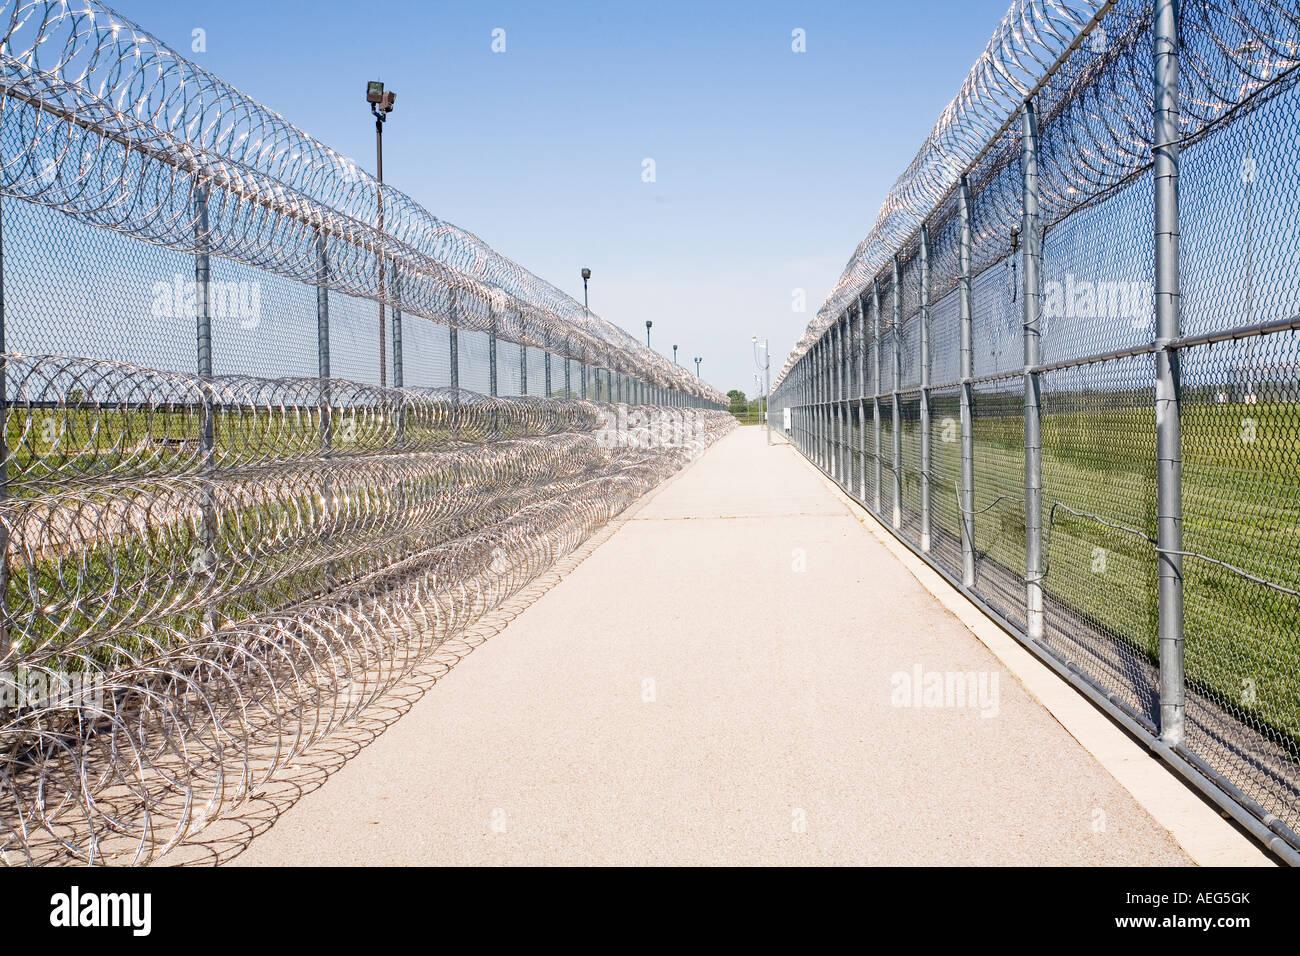 Perimeter fence at the maximum security tecumseh state